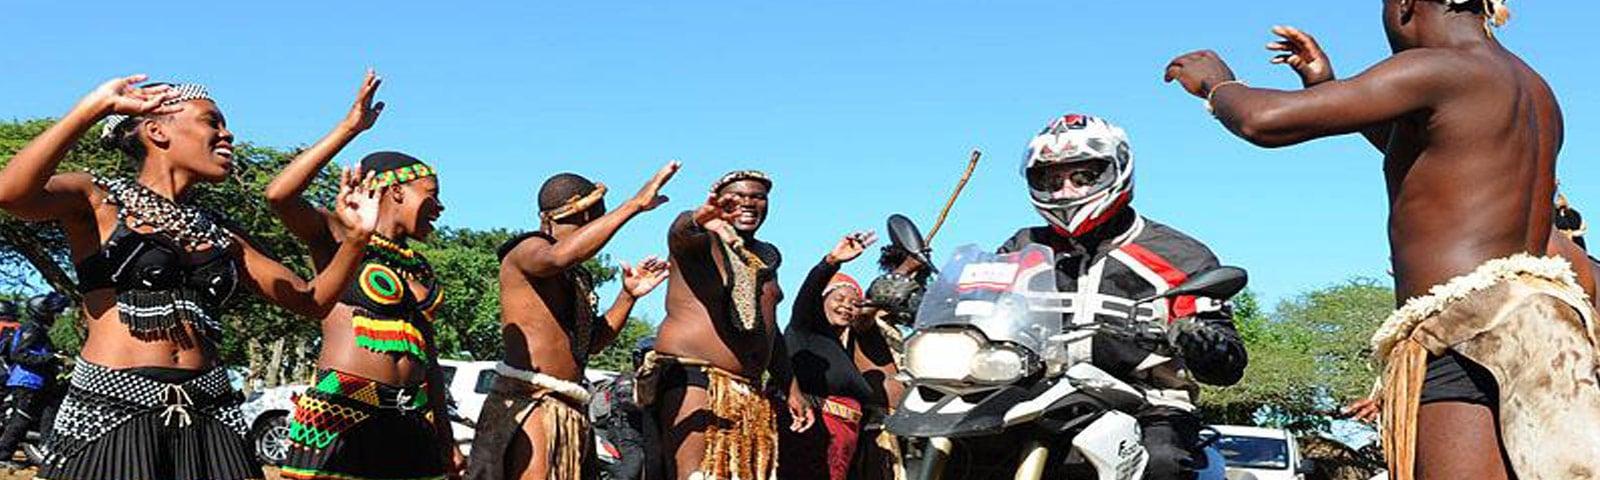 Begrüßung im Shakaland